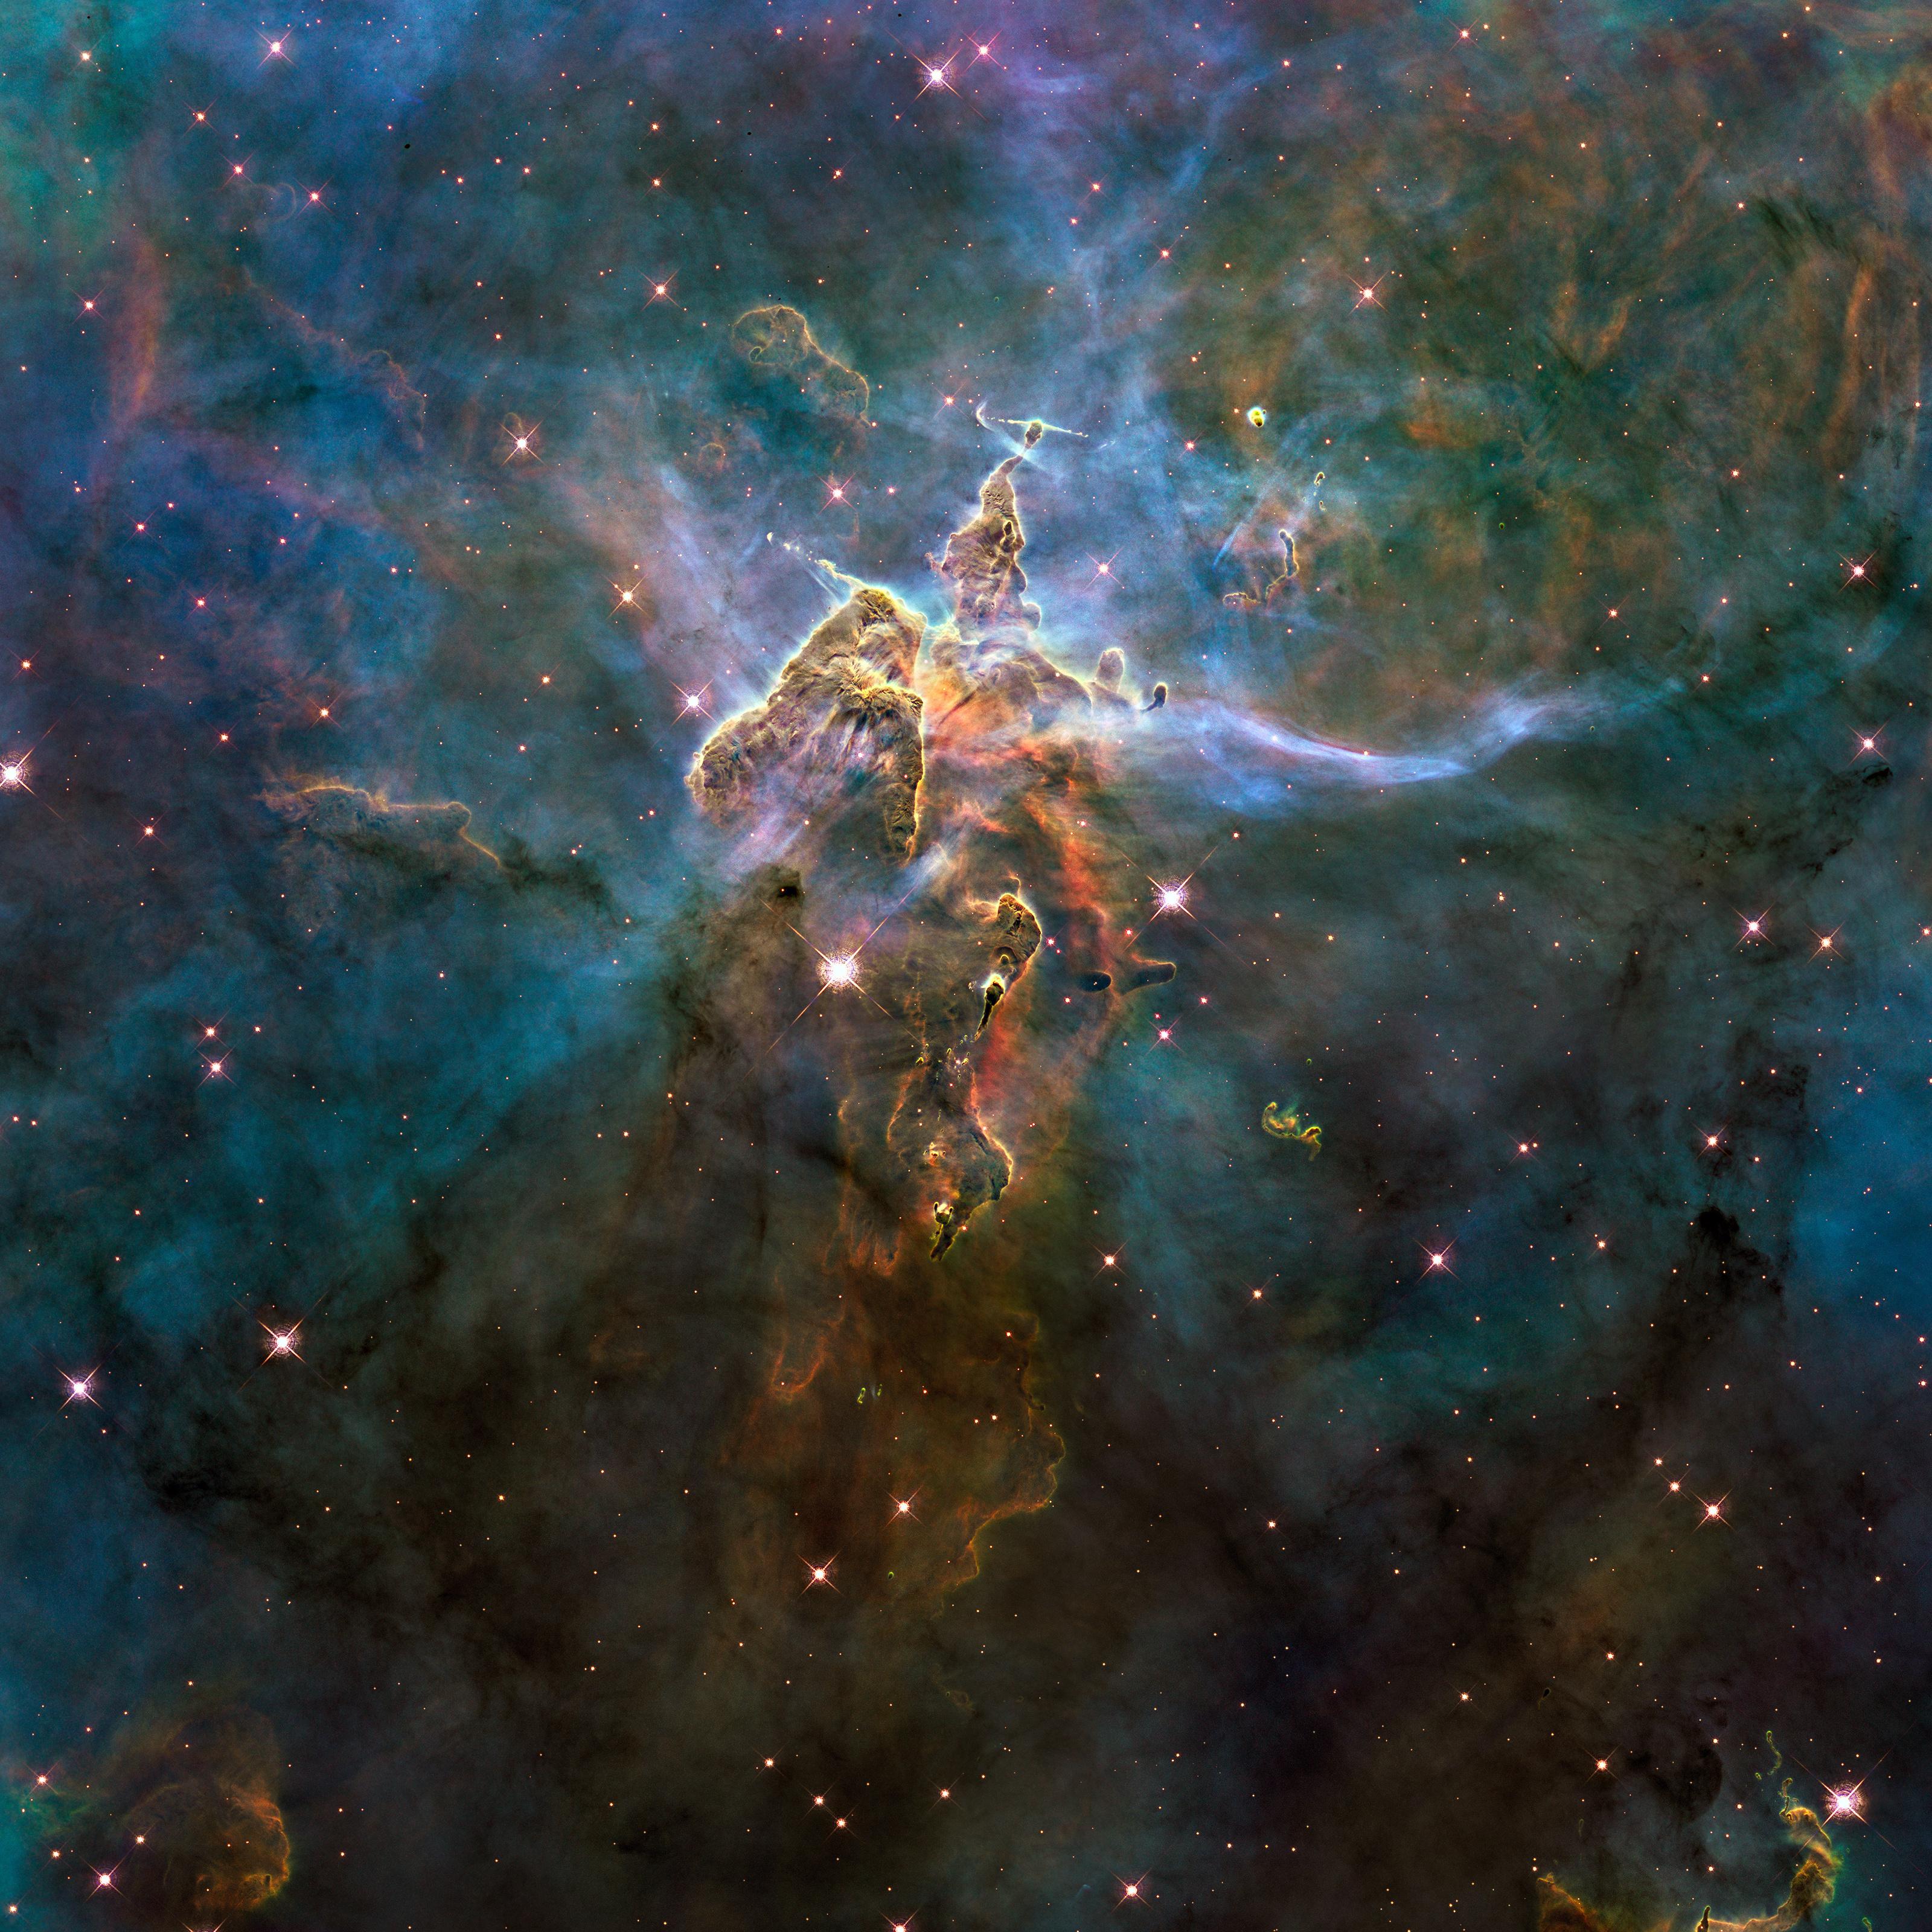 سبحان الله في تلسكوب فضائي....اسمه تلسكوب هابل ما قرأت